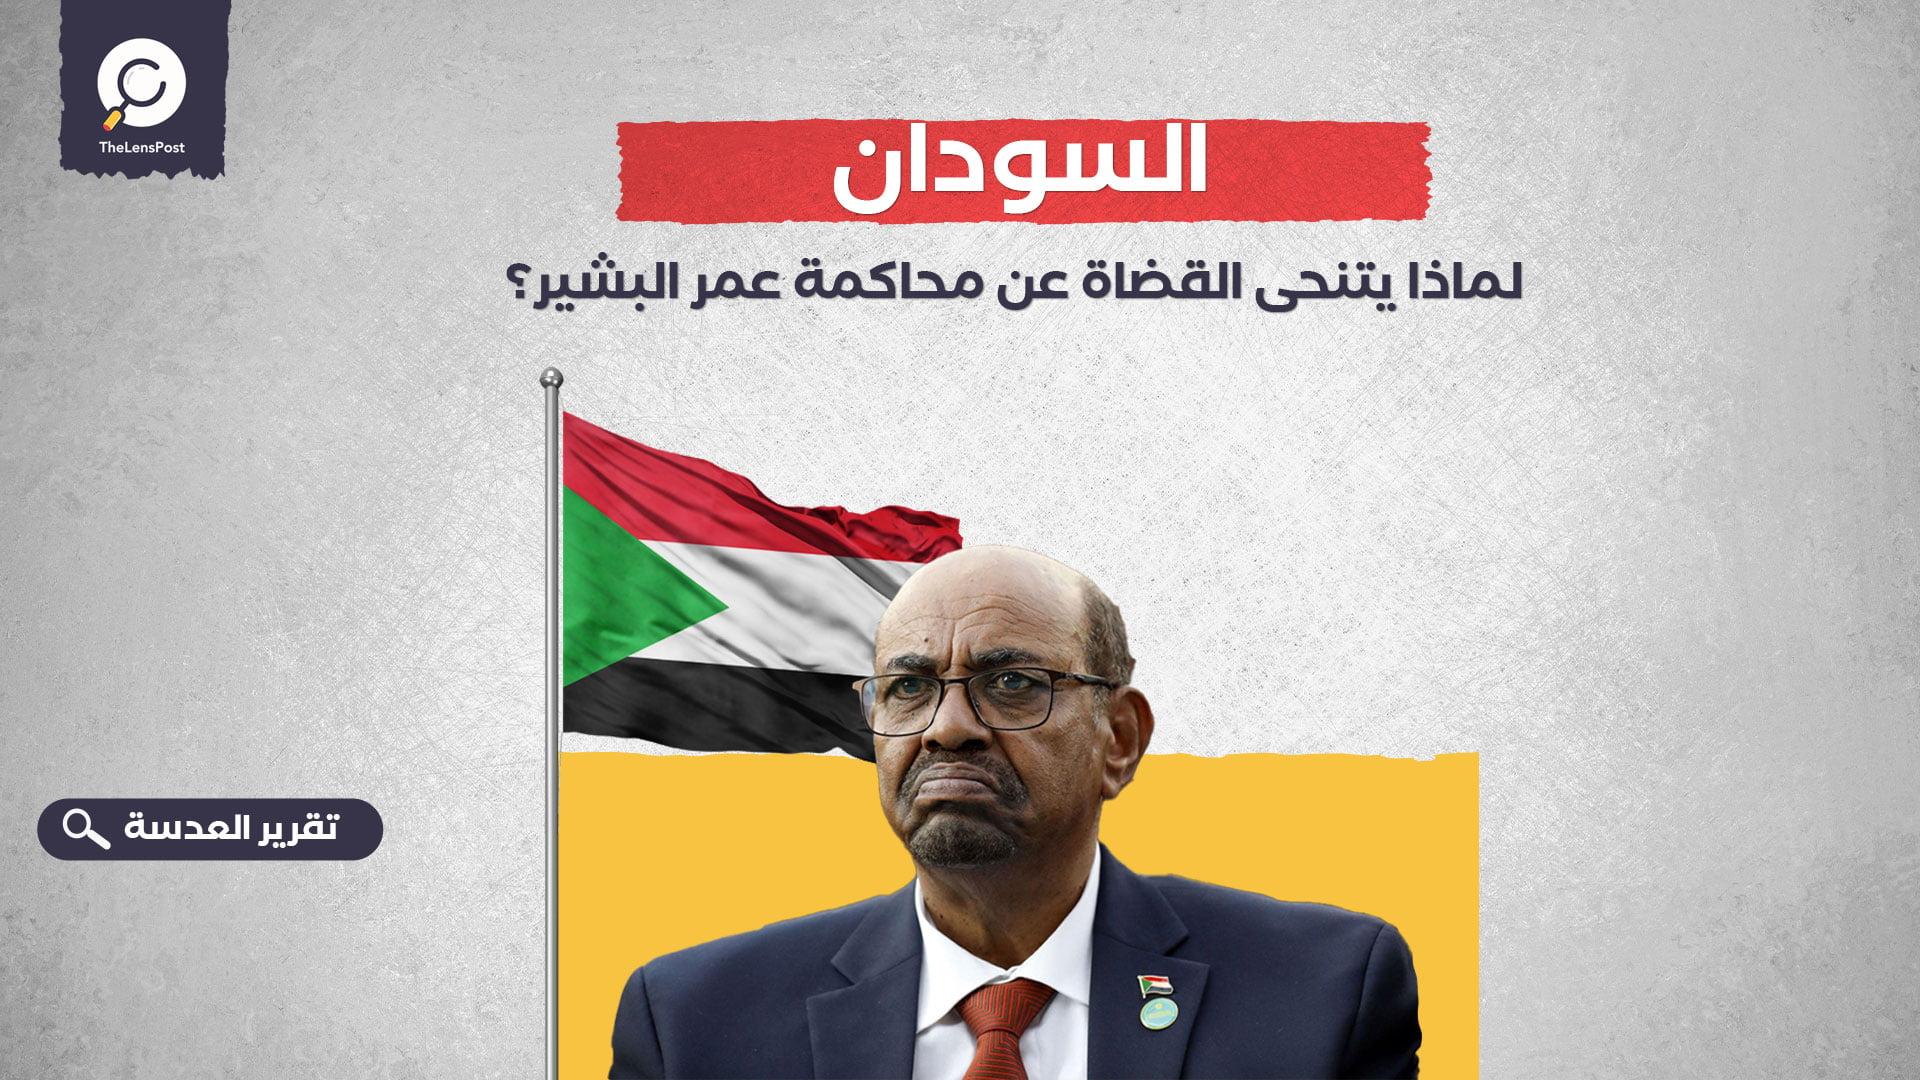 السودان.. لماذا يتنحى القضاة عن محاكمة عمر البشير؟